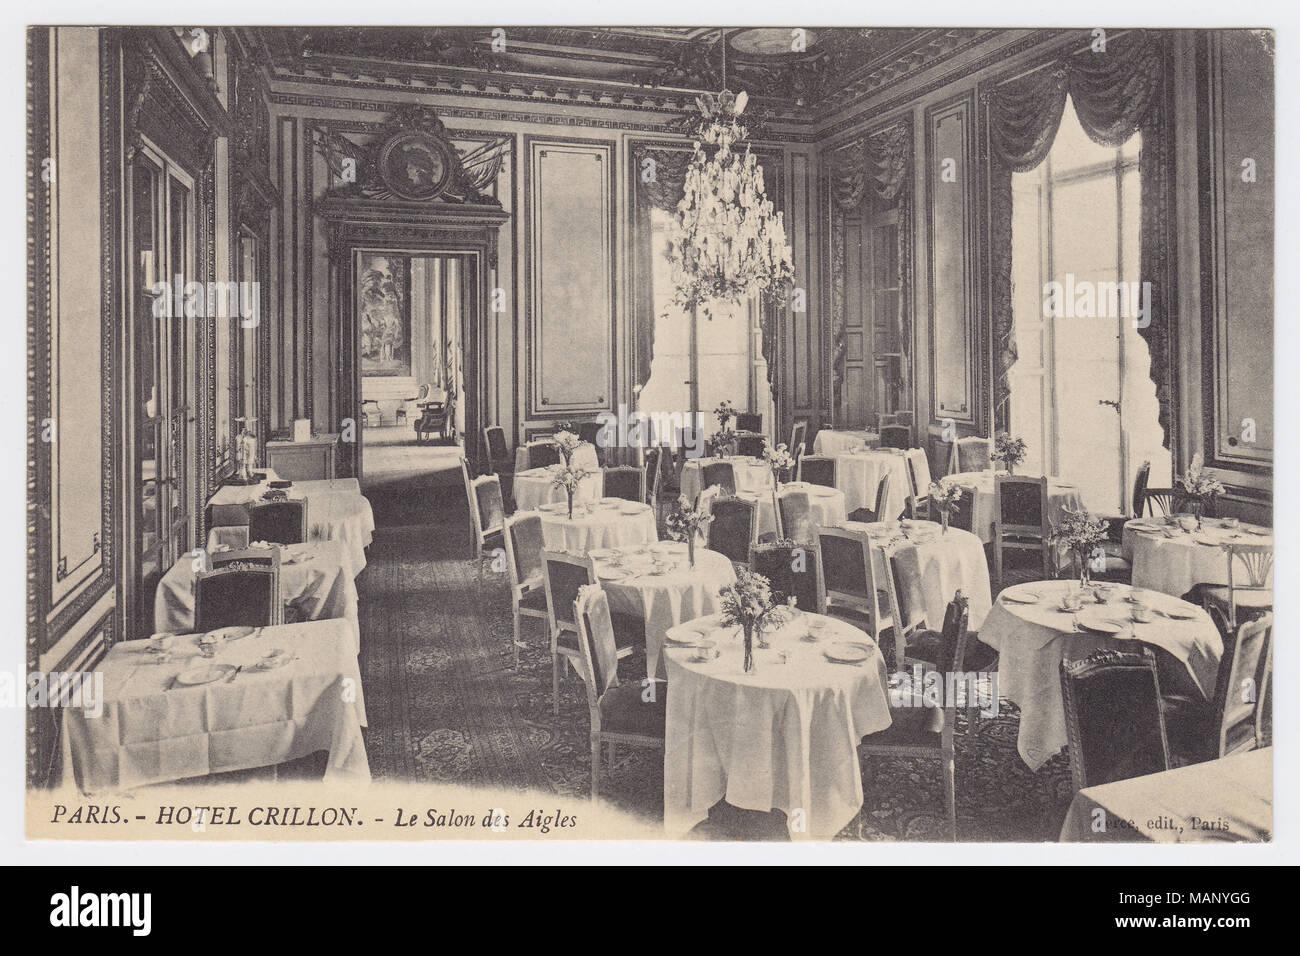 Hôtel de Crillon, Paris, France, Salon des Aigles, ca. 1910 - Stock Image